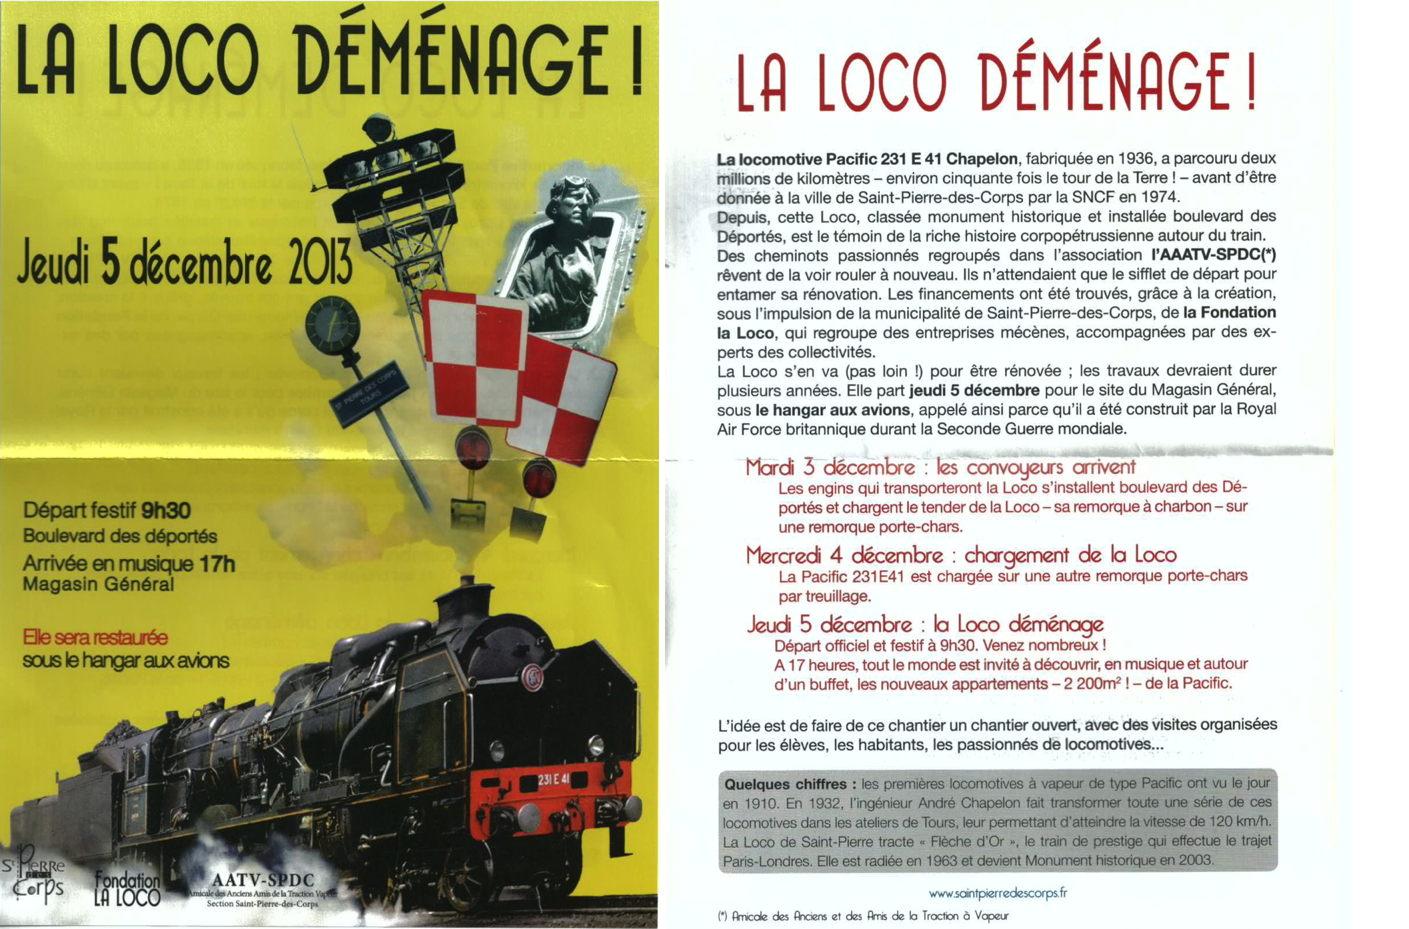 locodemenage 00001